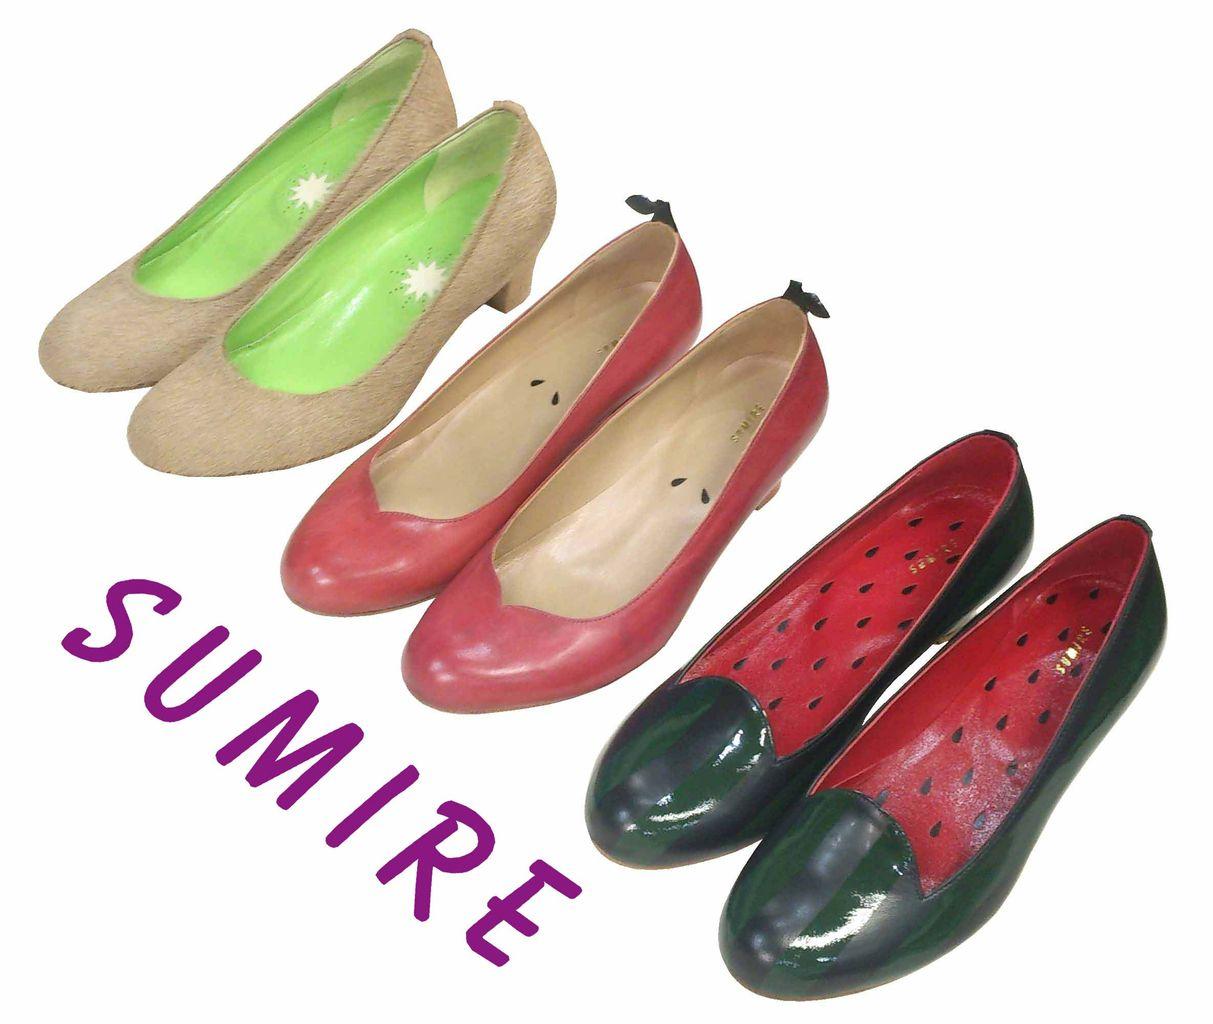 東京在住の靴職人、篠原すみれさんが果物をモチーフとした斬新なデザインの靴を制作している。これは外見が果物で、その靴の中が果物の\u201c切り口\u201dをイメージしたデザイン